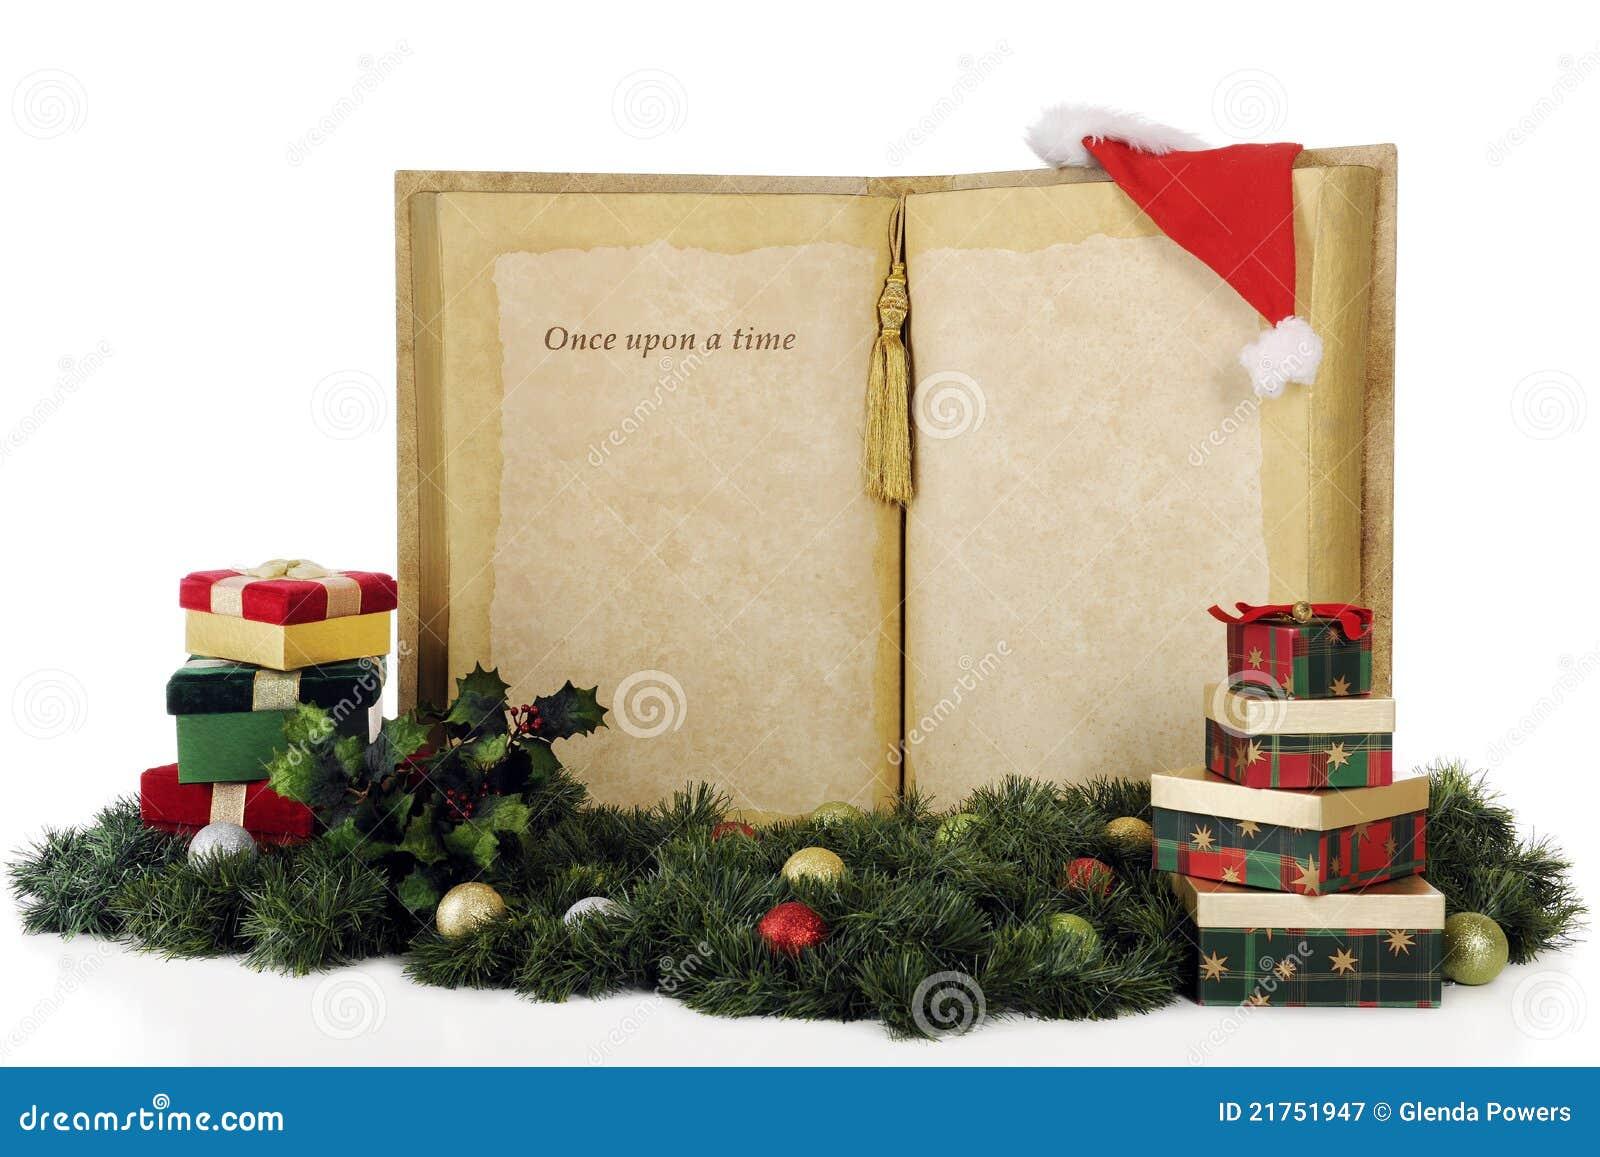 Einmal Nach Einem Weihnachtsgeschenk Stockbild - Bild von girlande ...